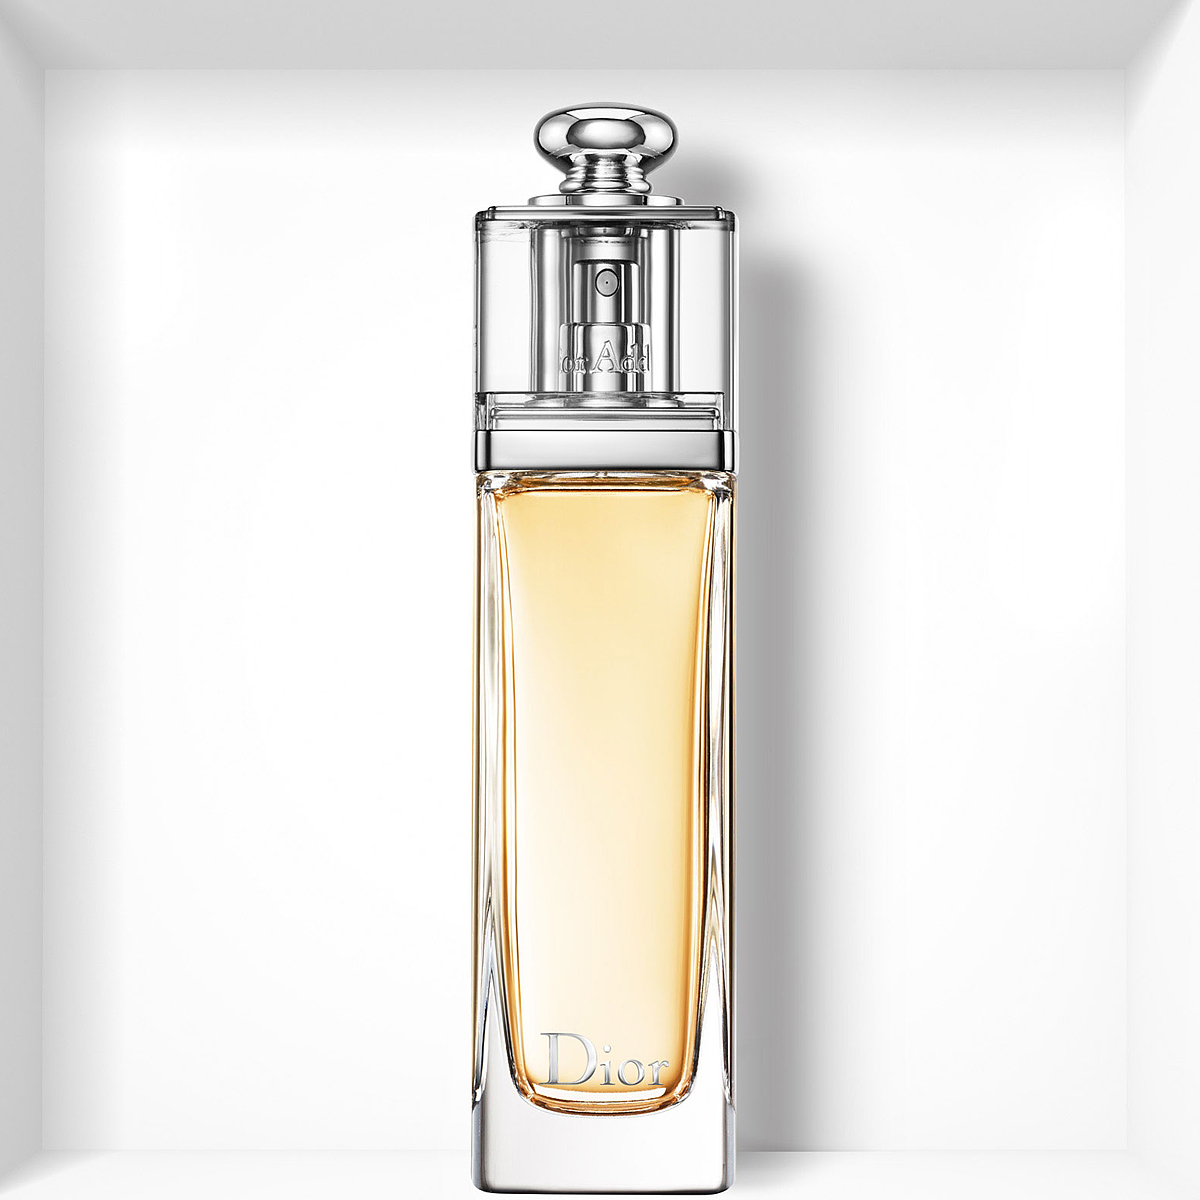 Christian Dior Dior Addict Туалетная вода женская, 50мл1301210Мгновенно притягивающий, Dior Addict воплощает собой невероятно красивый и соблазнительный аромат, который находится в полной гармонии с сегодняшним днем.Сицилийский Мандарин в его верхних нотах придает игривый, чарующий оттенок фруктовых цитрусовых аккордов, пикантных и насыщенных. На смену ему приходит букет белых цветов Жасмина Самбак и Тунисского Нероли в сочетании с чувственной и изысканной древесной базовой нотой Эссенции Сандалового дерева с легким оттенком Ванили. Утонченный древесно-цветочный аромат: абсолютно женственный, он искрится свежестью и чувственной элегантностью.Начальные ноты: мандарин. Ноты сердца: жасмин, нероли. Базовые ноты: ваниль, сандаловое дерево. Характер аромата: женственный; волнующий; изящный; манящий; свежий; чувственный.